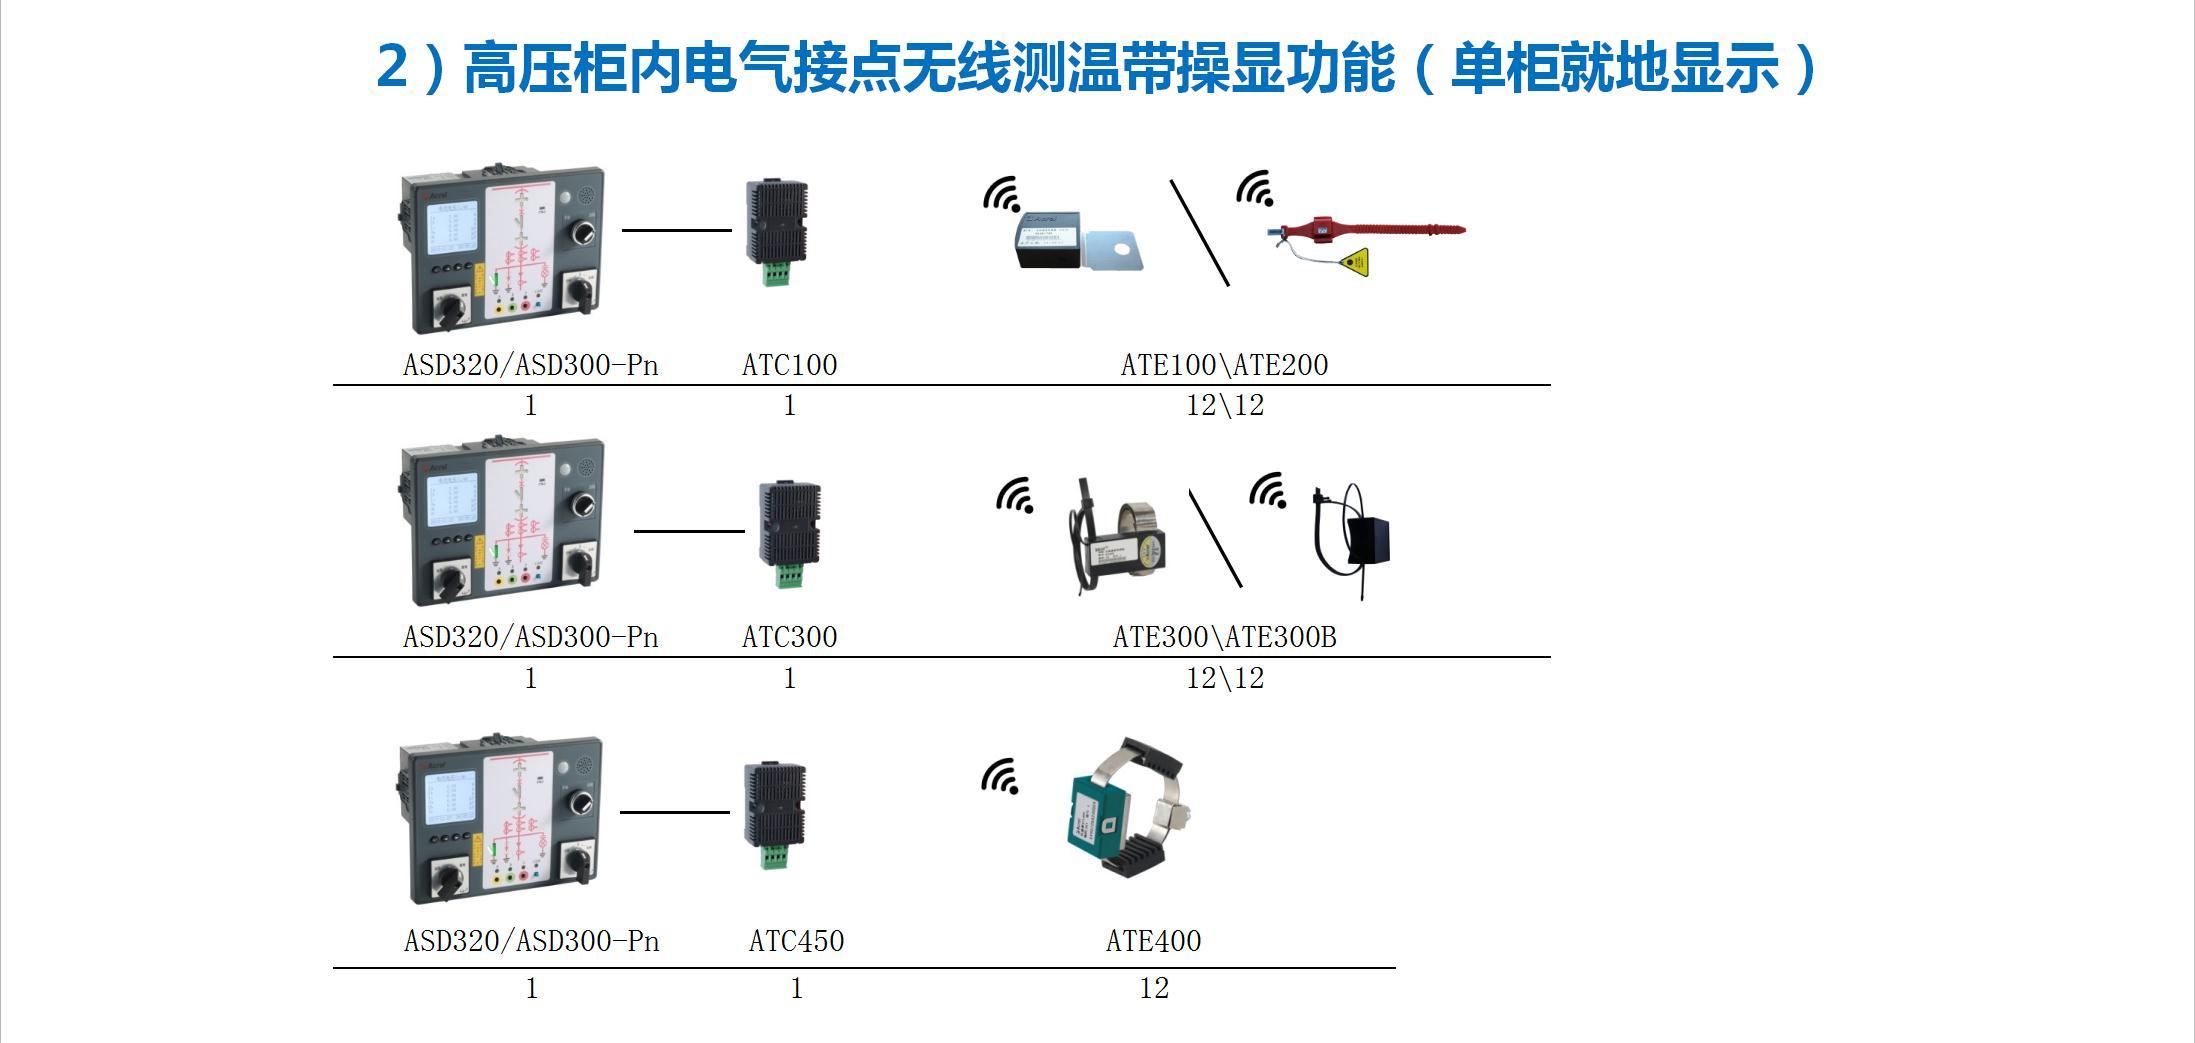 安科瑞在线测温传感器ATE100 螺栓式无线测温传感器  电池有源测温传感器   螺栓固定  采样周期25S示例图9